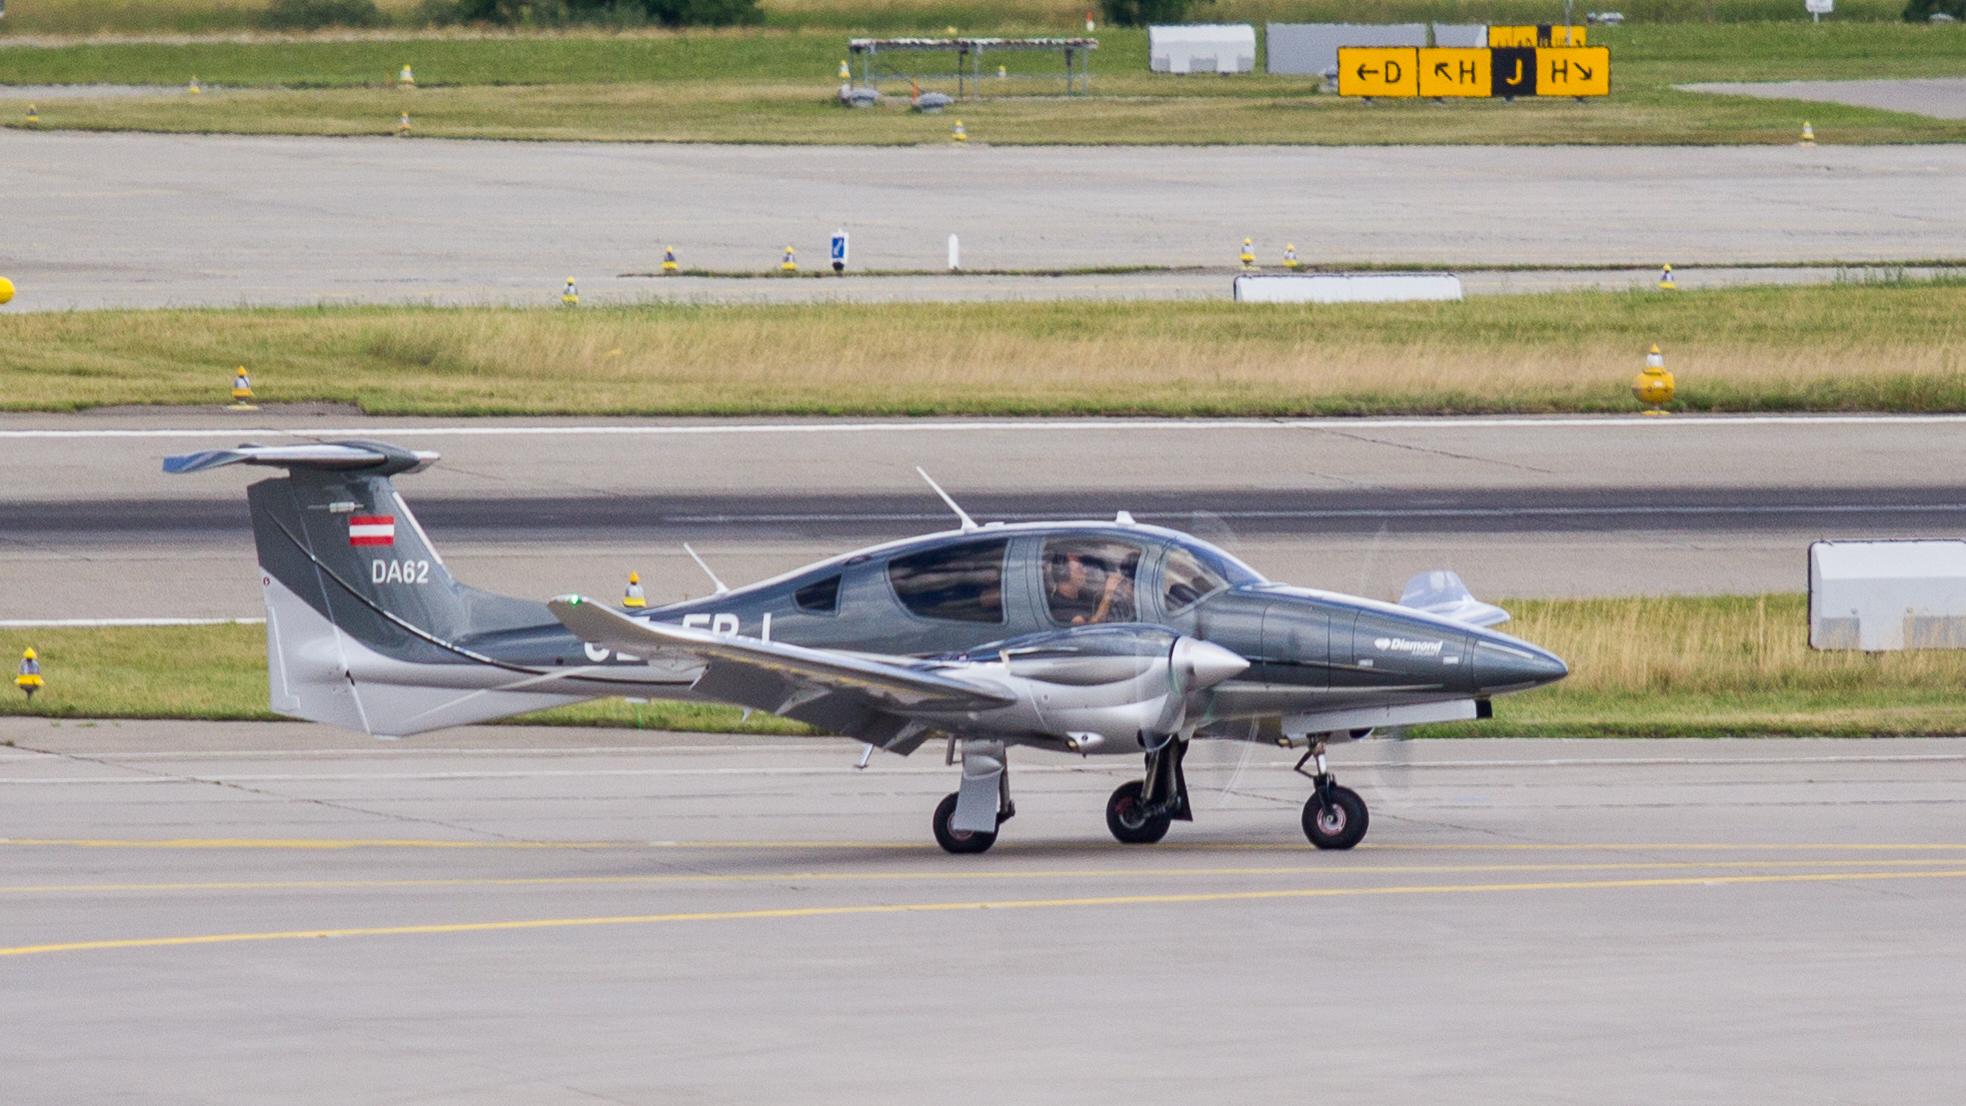 Diamond_Aircraft_DA-62_-_OE-FBJ_-_Zurich_International_Airport-5358.jpg